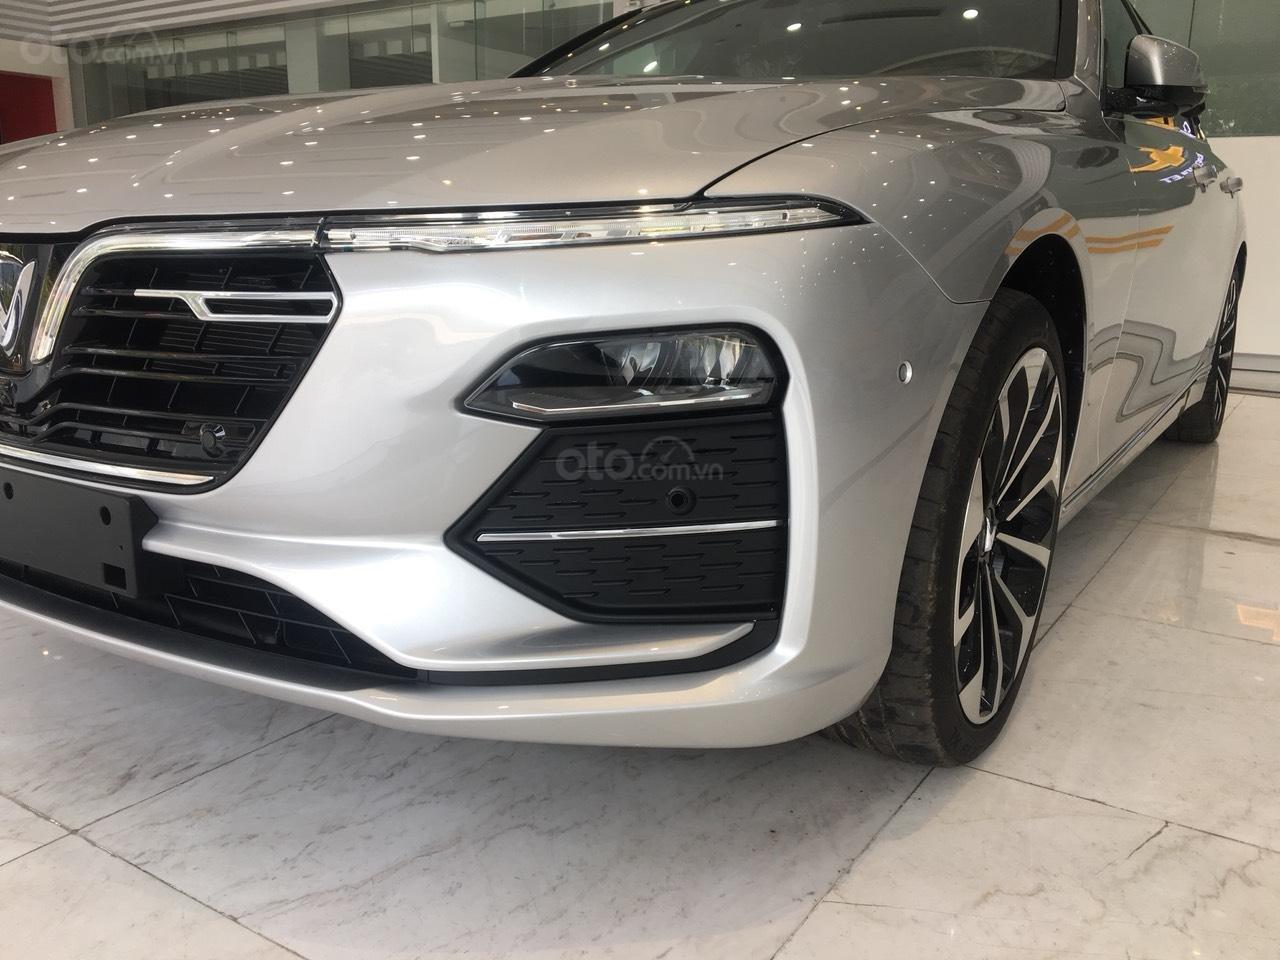 Bán xe VinFast LUX A2.0 full-Da Nappa Nâu 2019, màu bạc 0911234775 em Long (14)